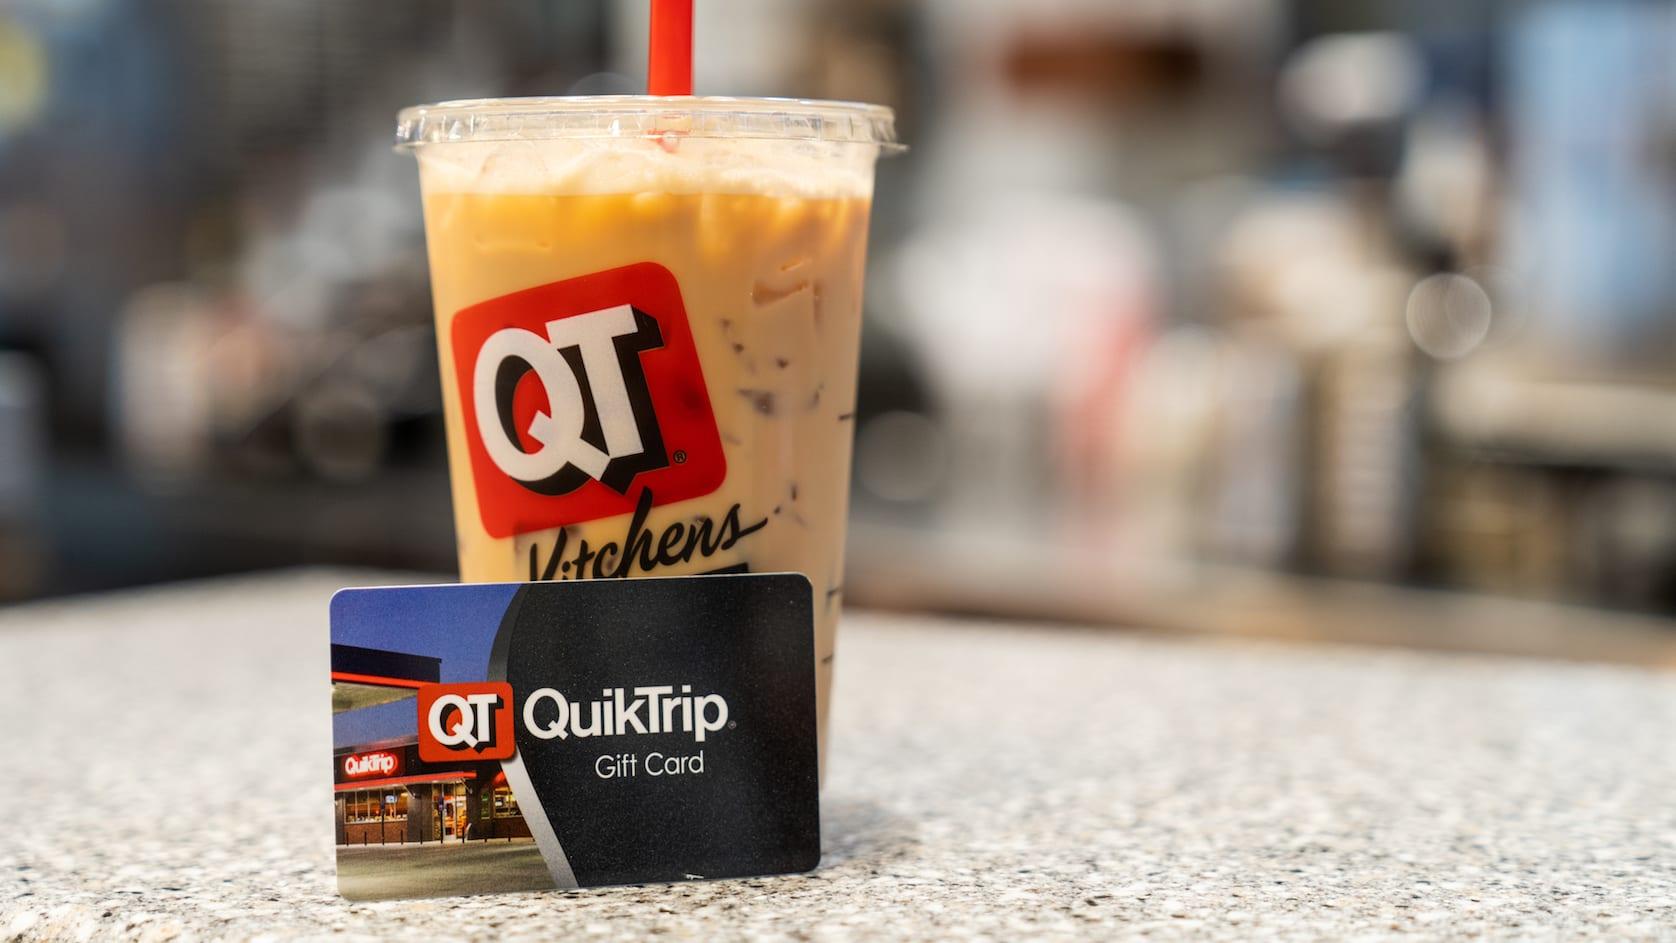 Quiktrip giftcard